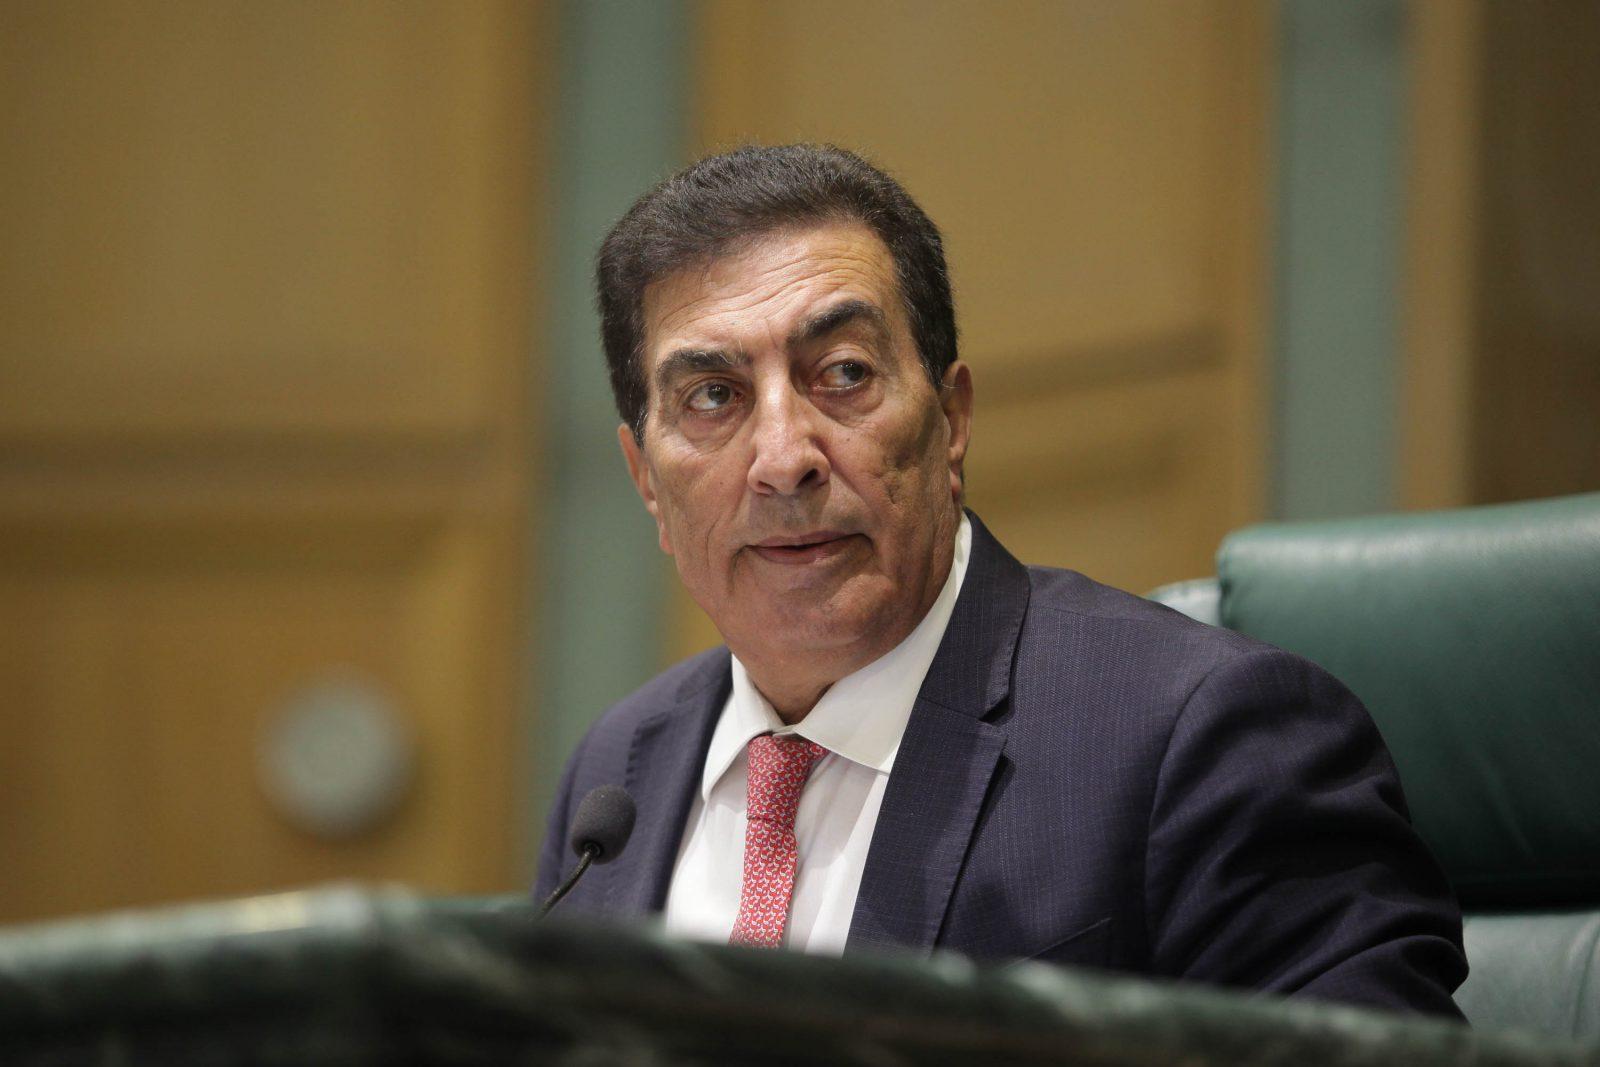 عاطف الطراونة - «الطراونة» يُعلن ترأسه لجنة برلمانية عربية للمصالحة الفلسطينية